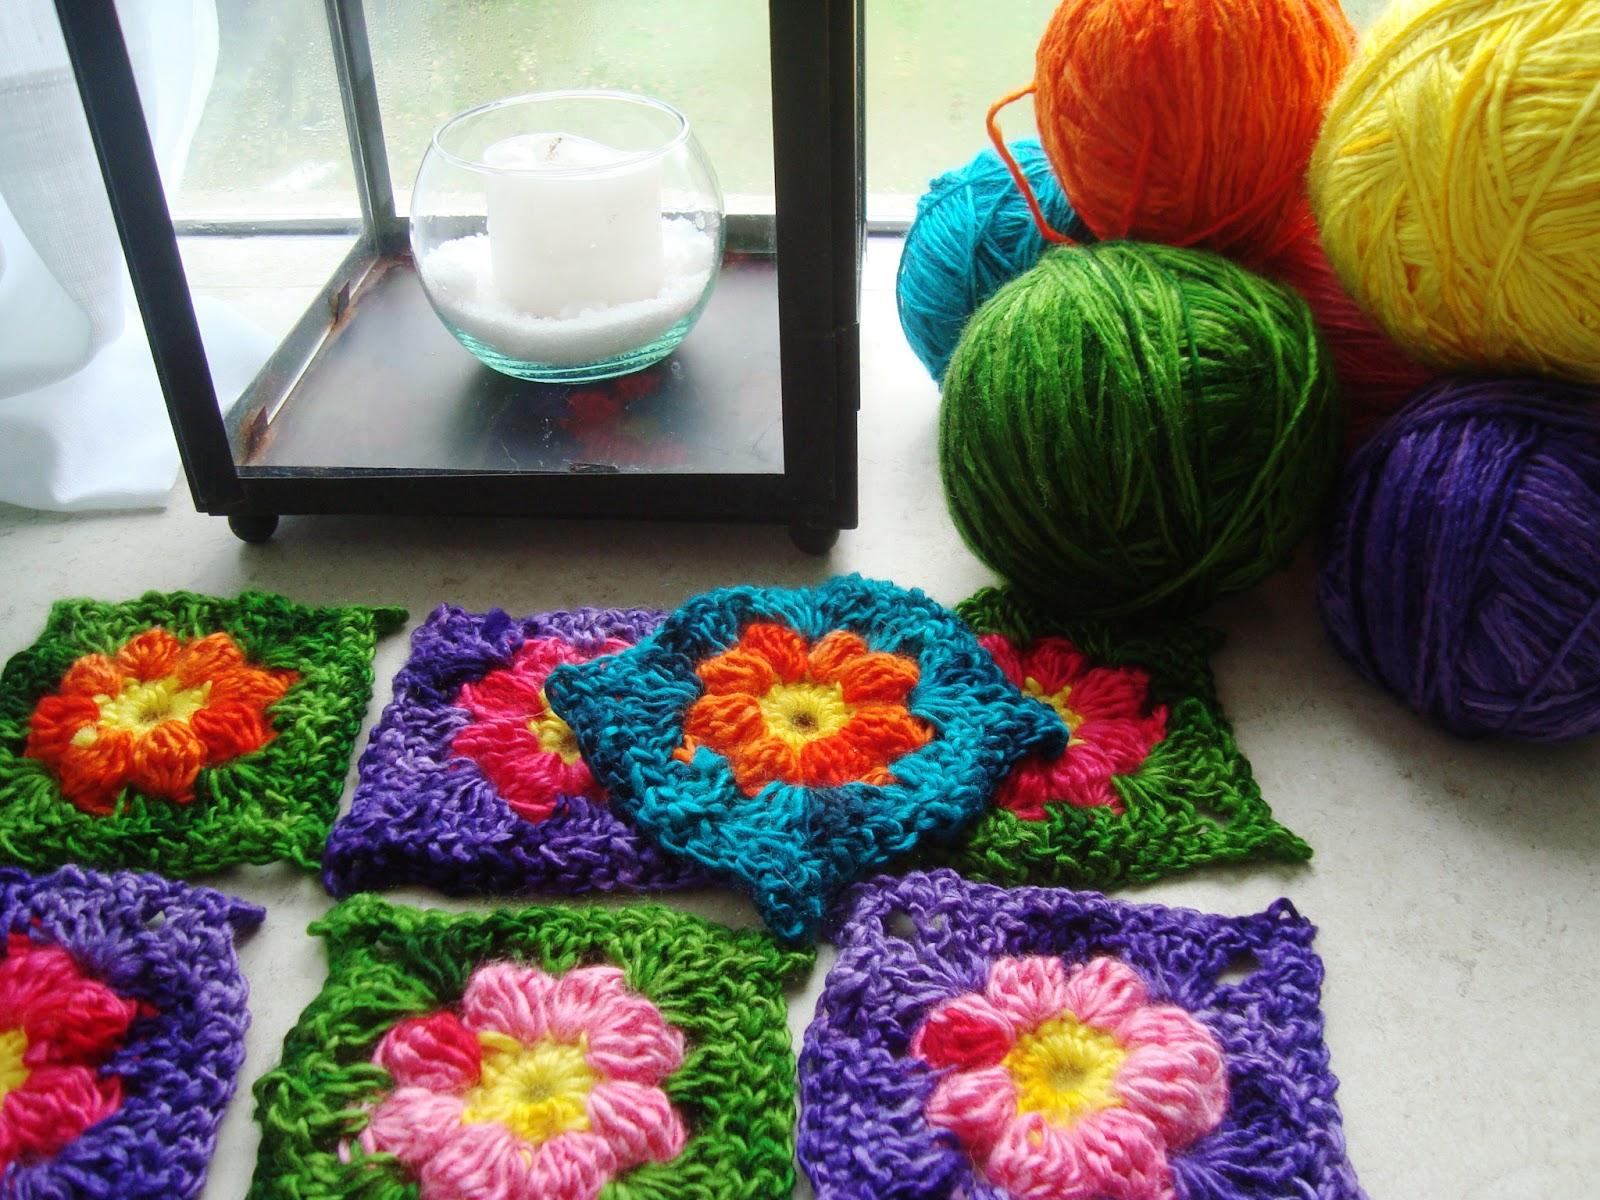 Nueva gaia cuadraditos crochet tutorial - Cuadraditos de crochet ...